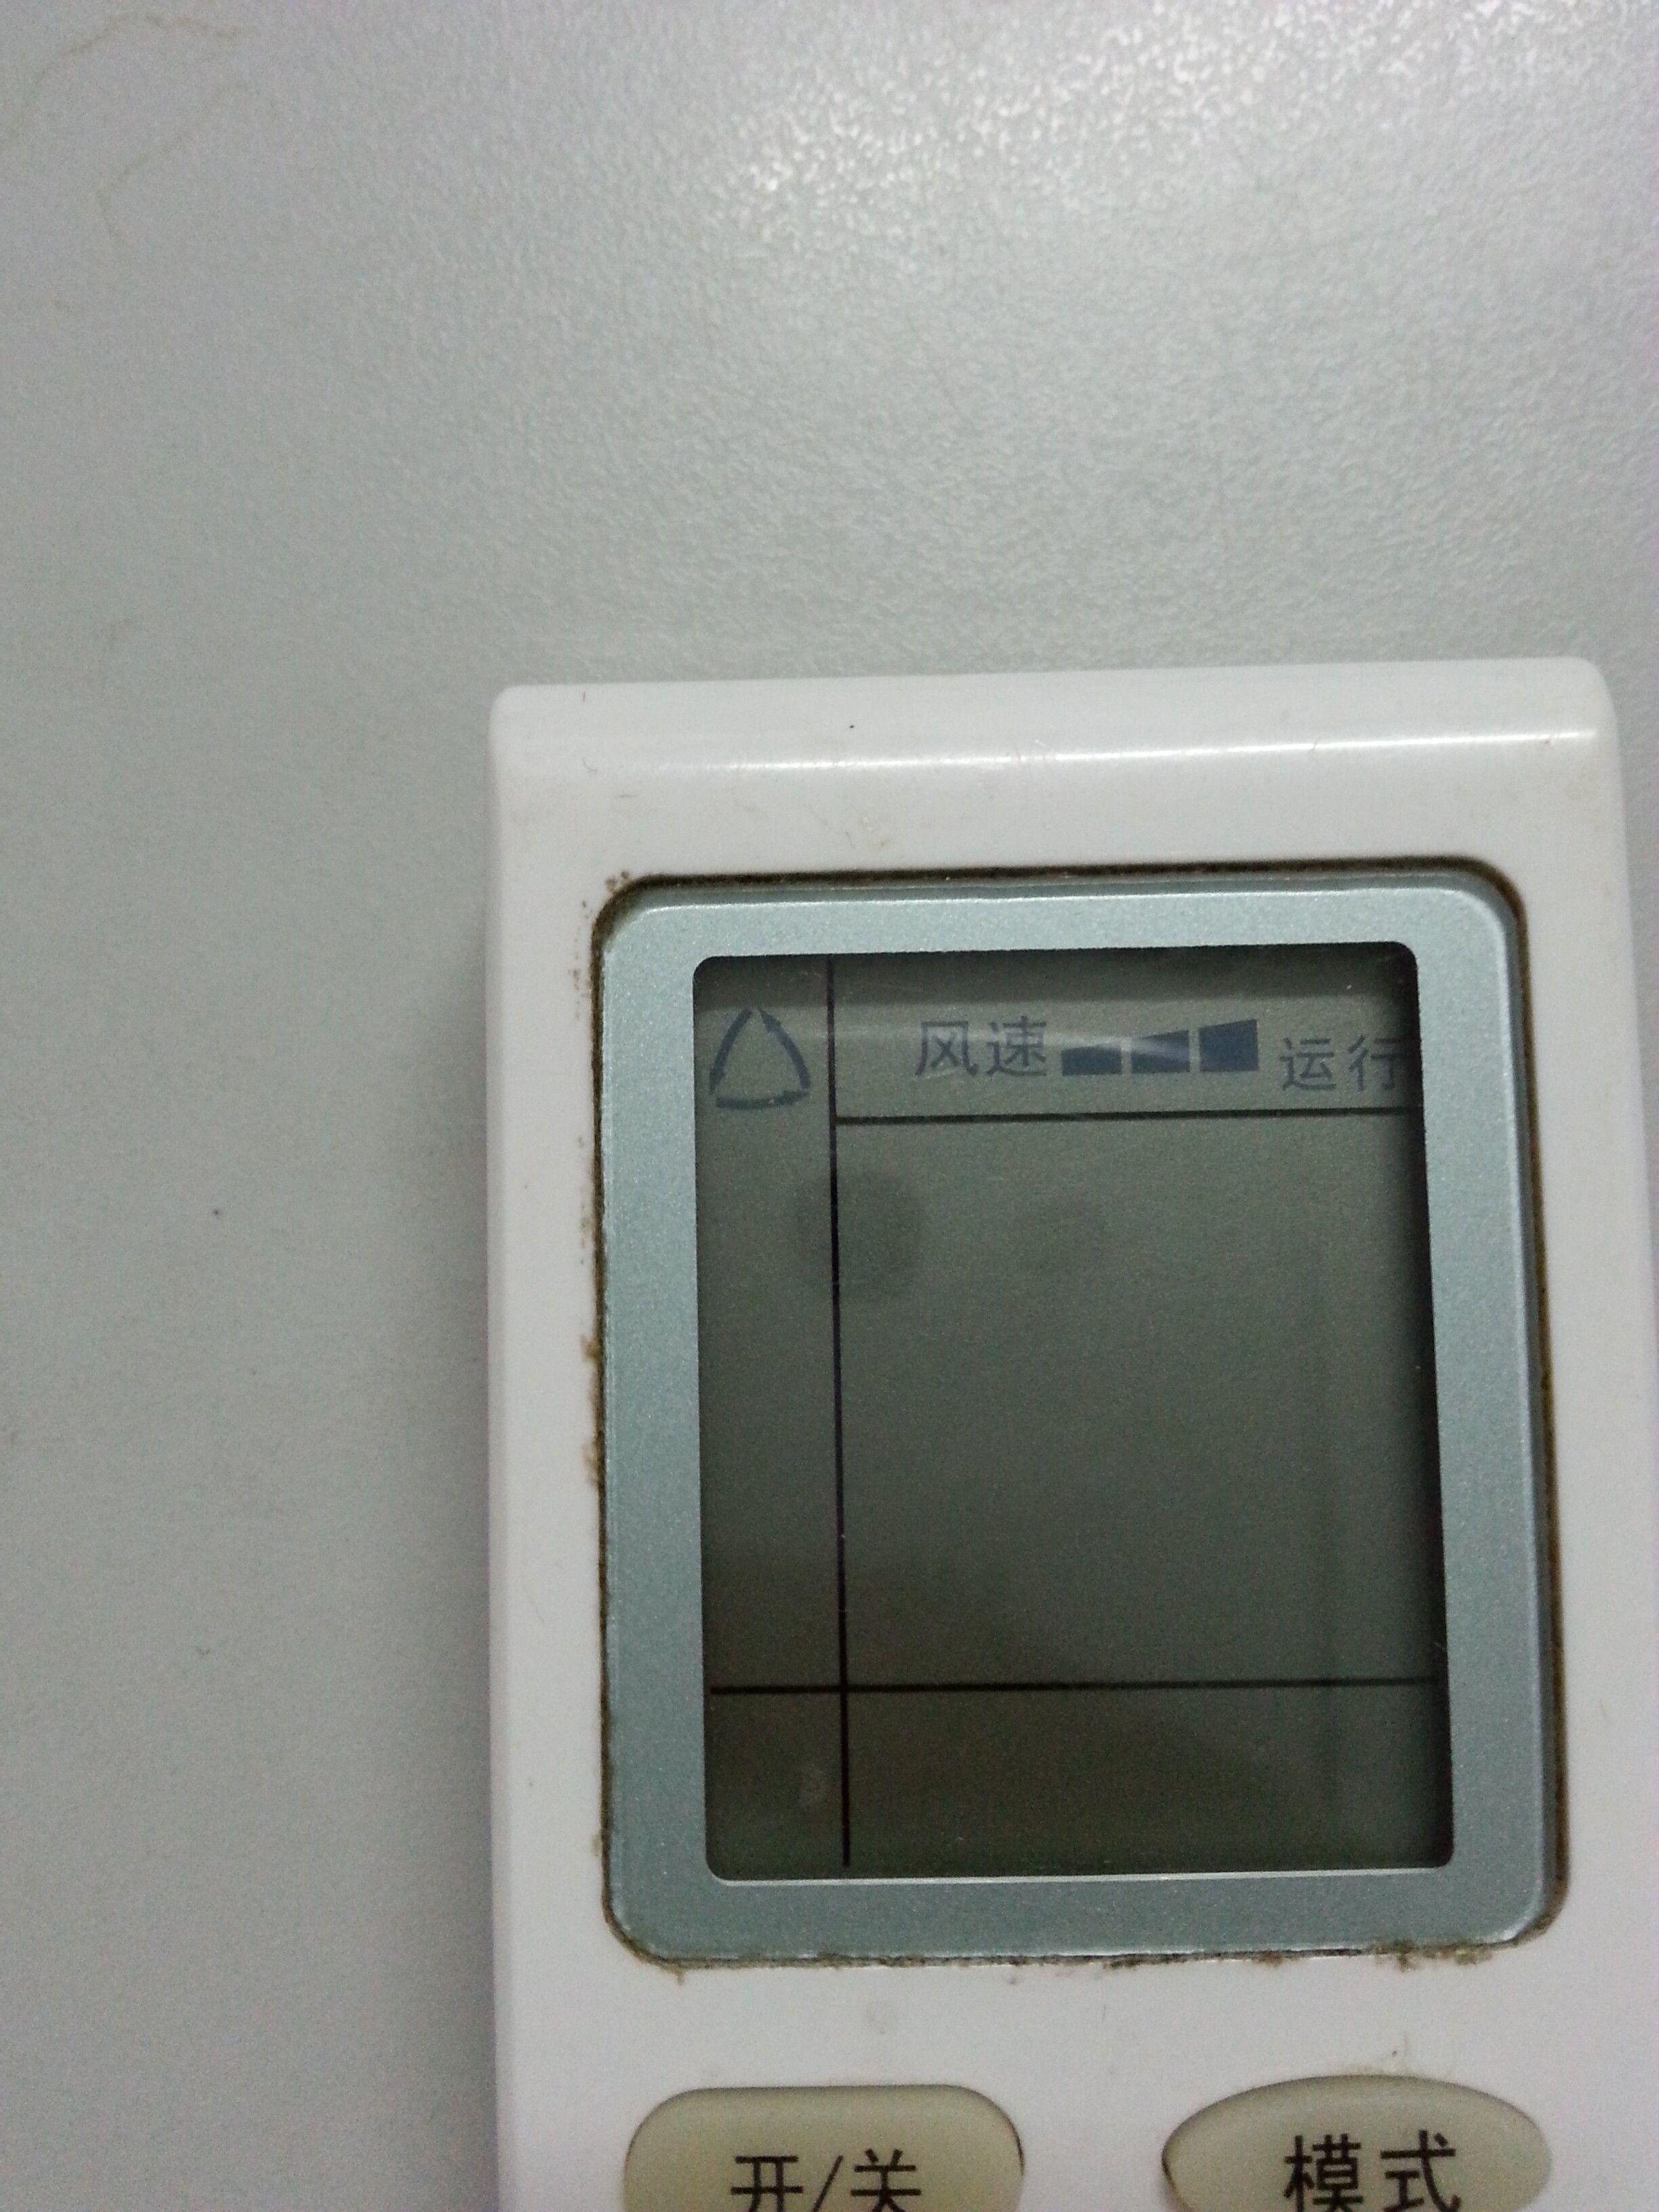 格力空调换气标志 格力空调遥控器图片图片